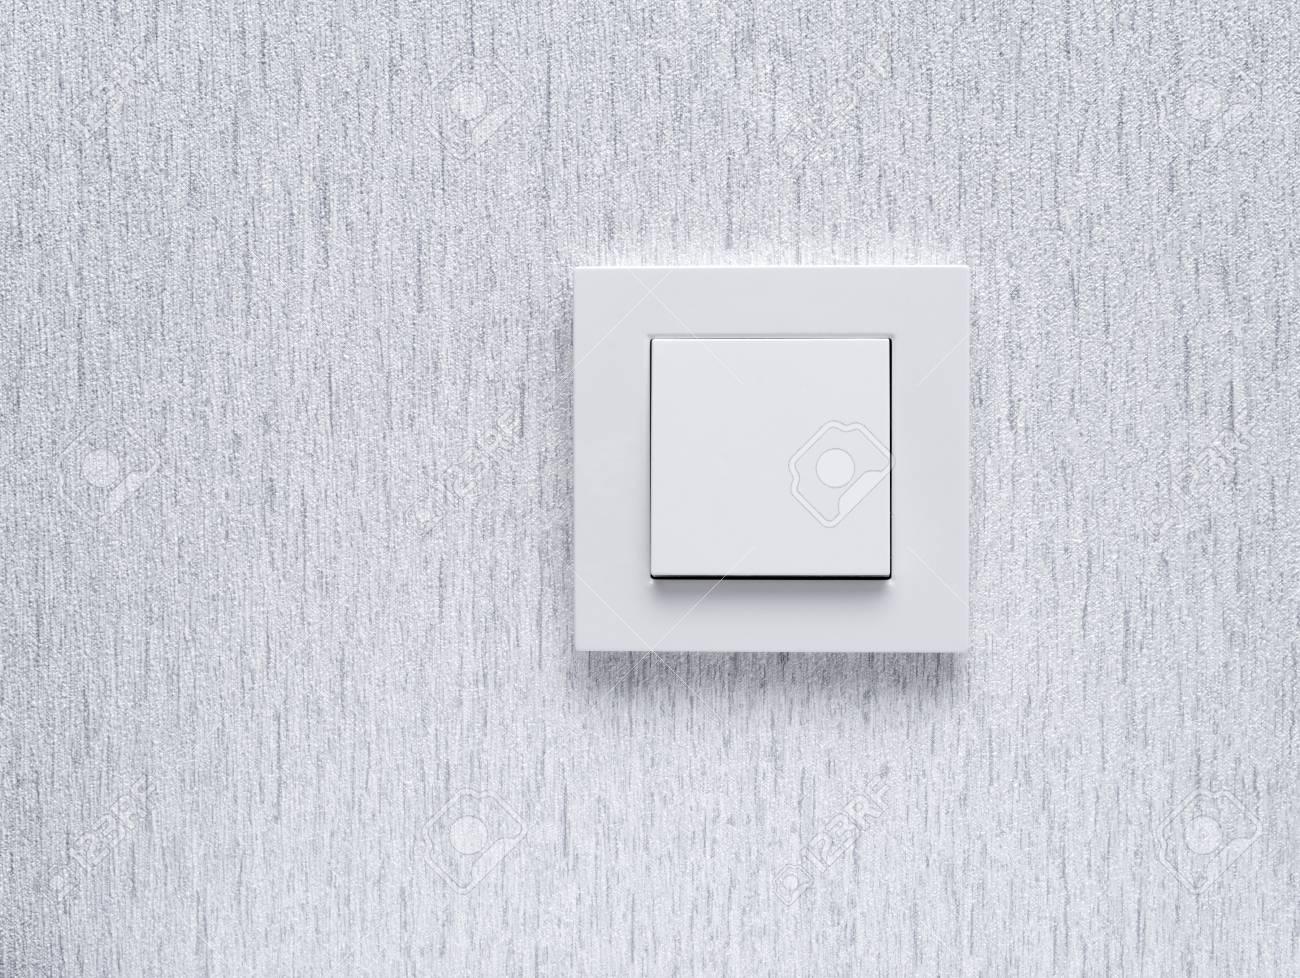 Lichtschalter / Weiß Lichtschalter Auf Weiße Wand / Konzept / Ein ...